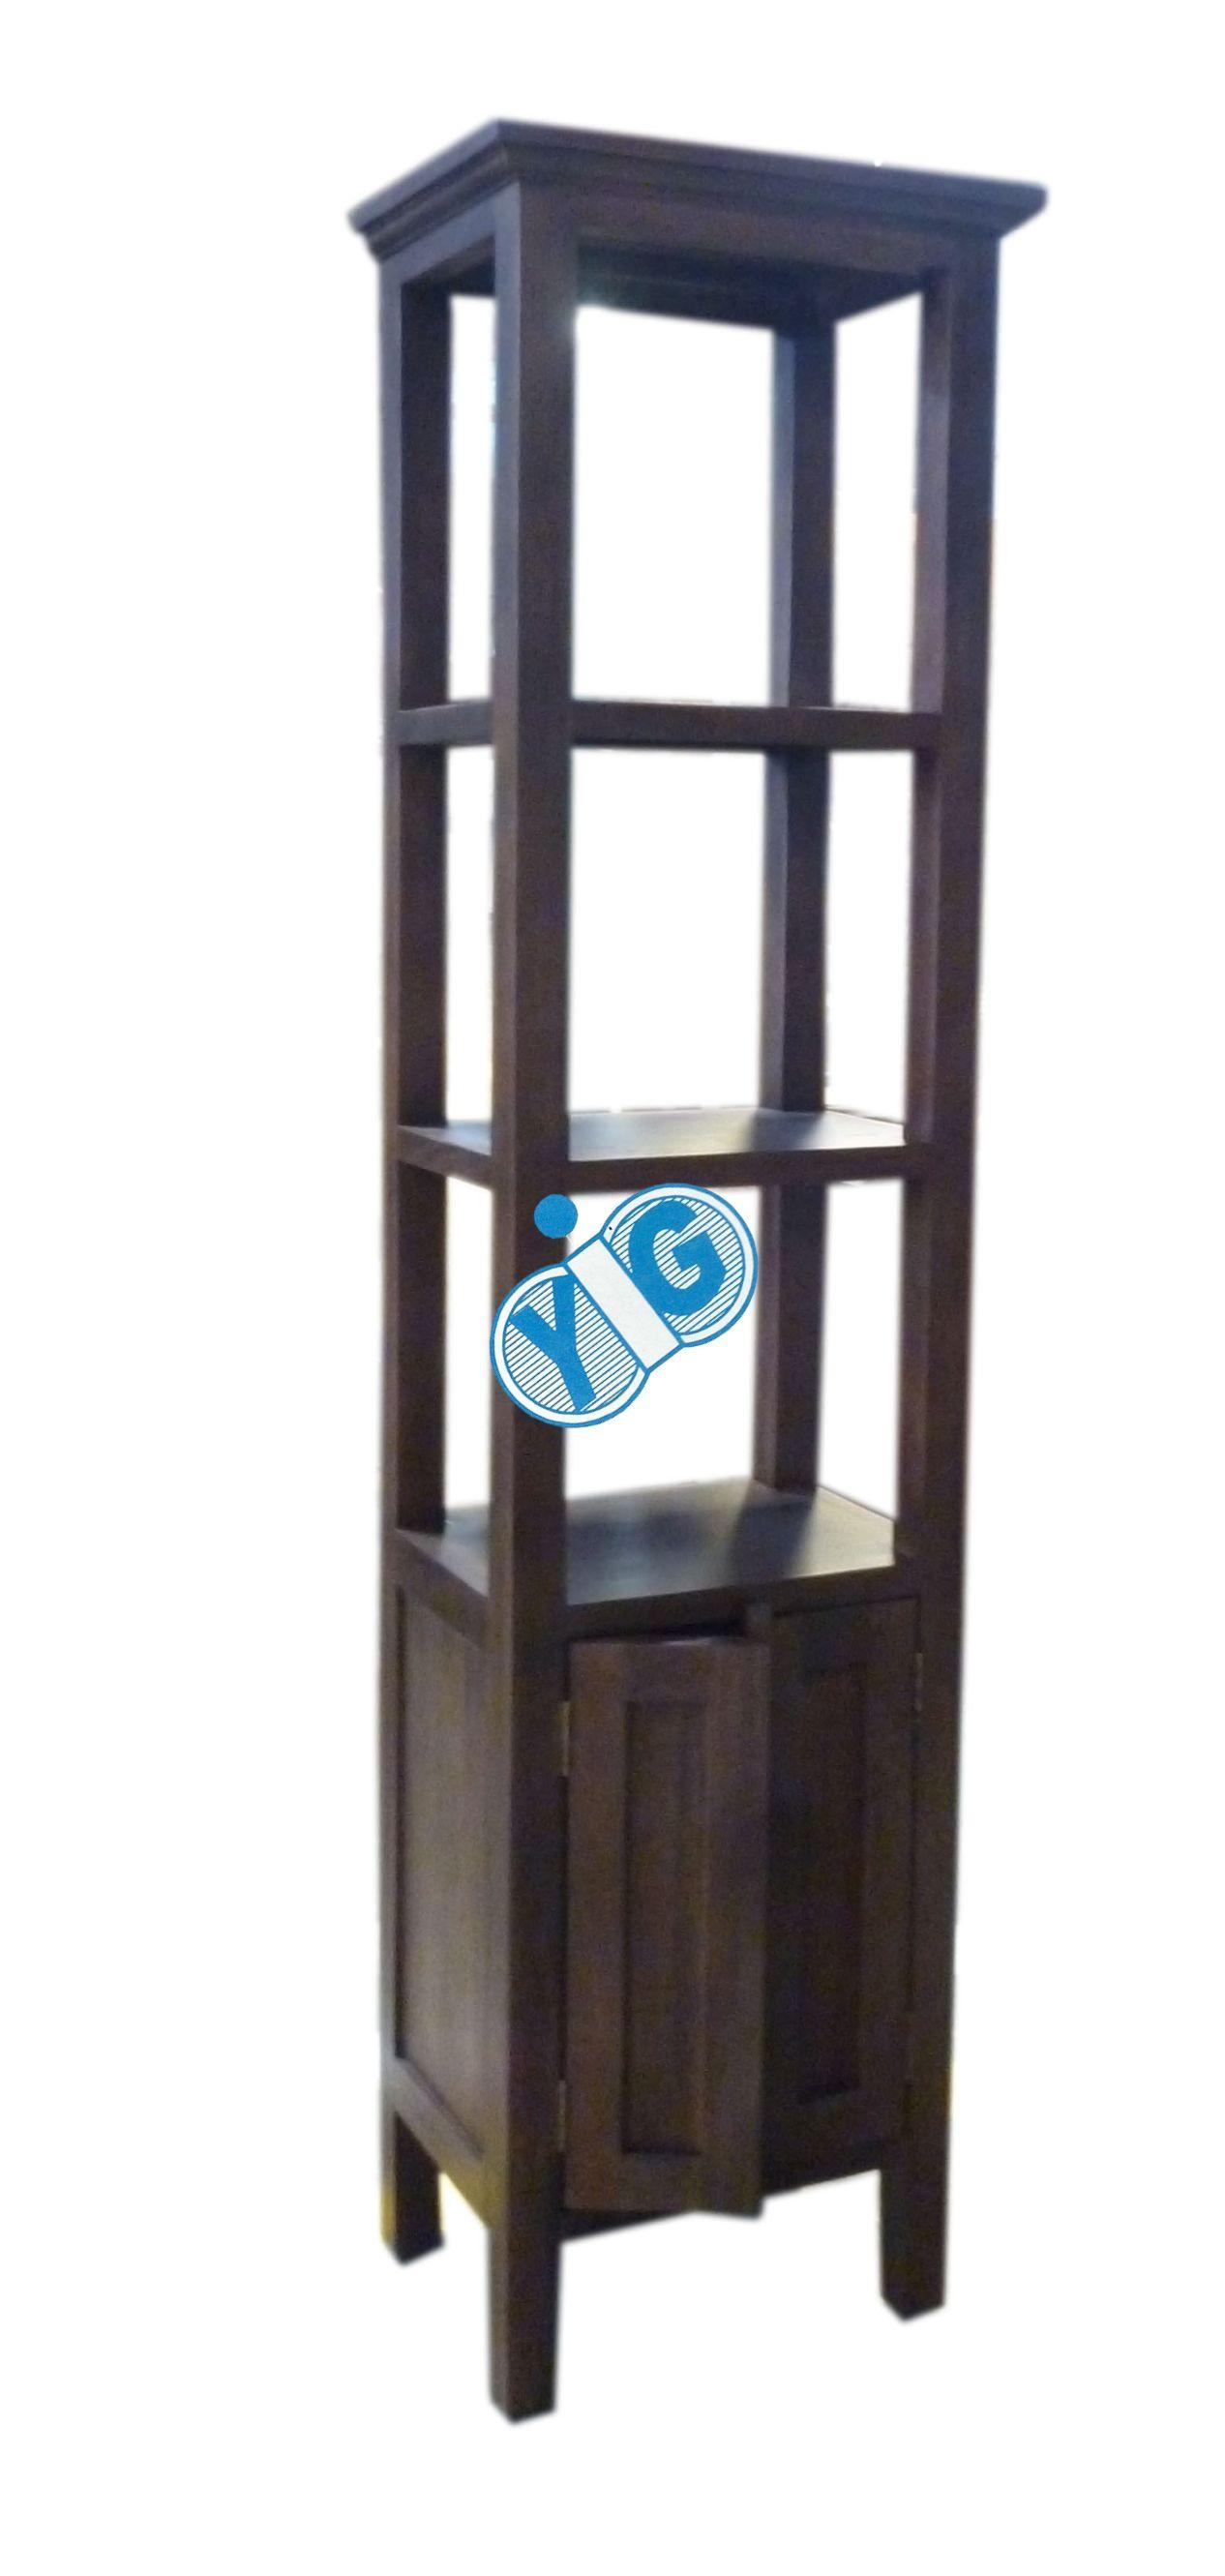 rack with doors